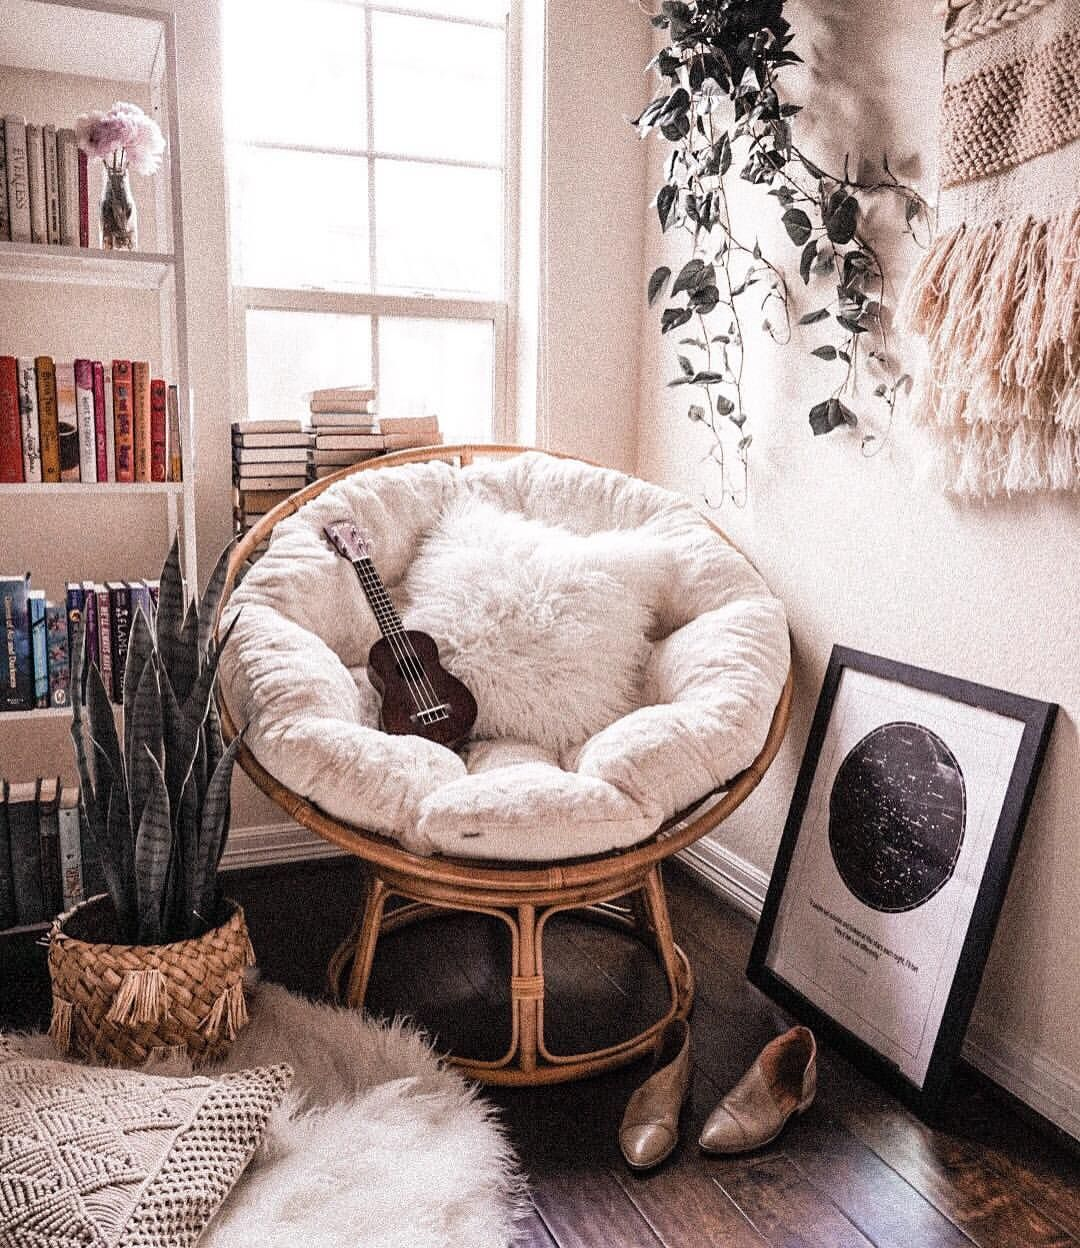 Tạo không gian thư giãn đẹp như tranh vẽ với ghế Papasan - Ảnh 2.